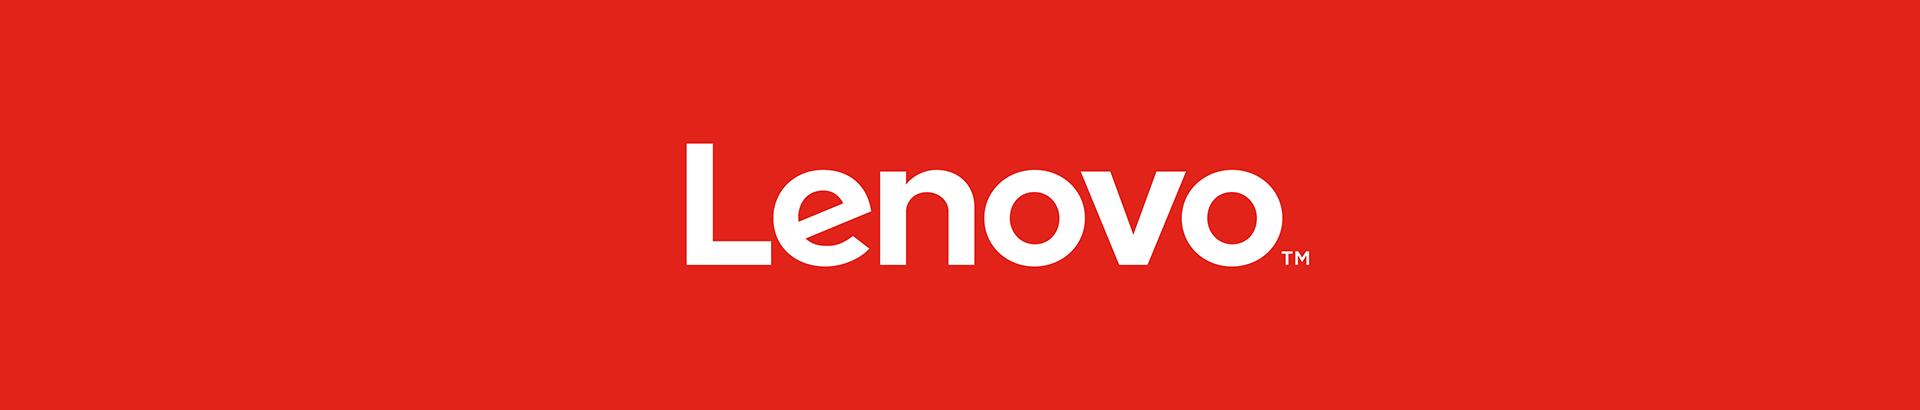 banner lenovo